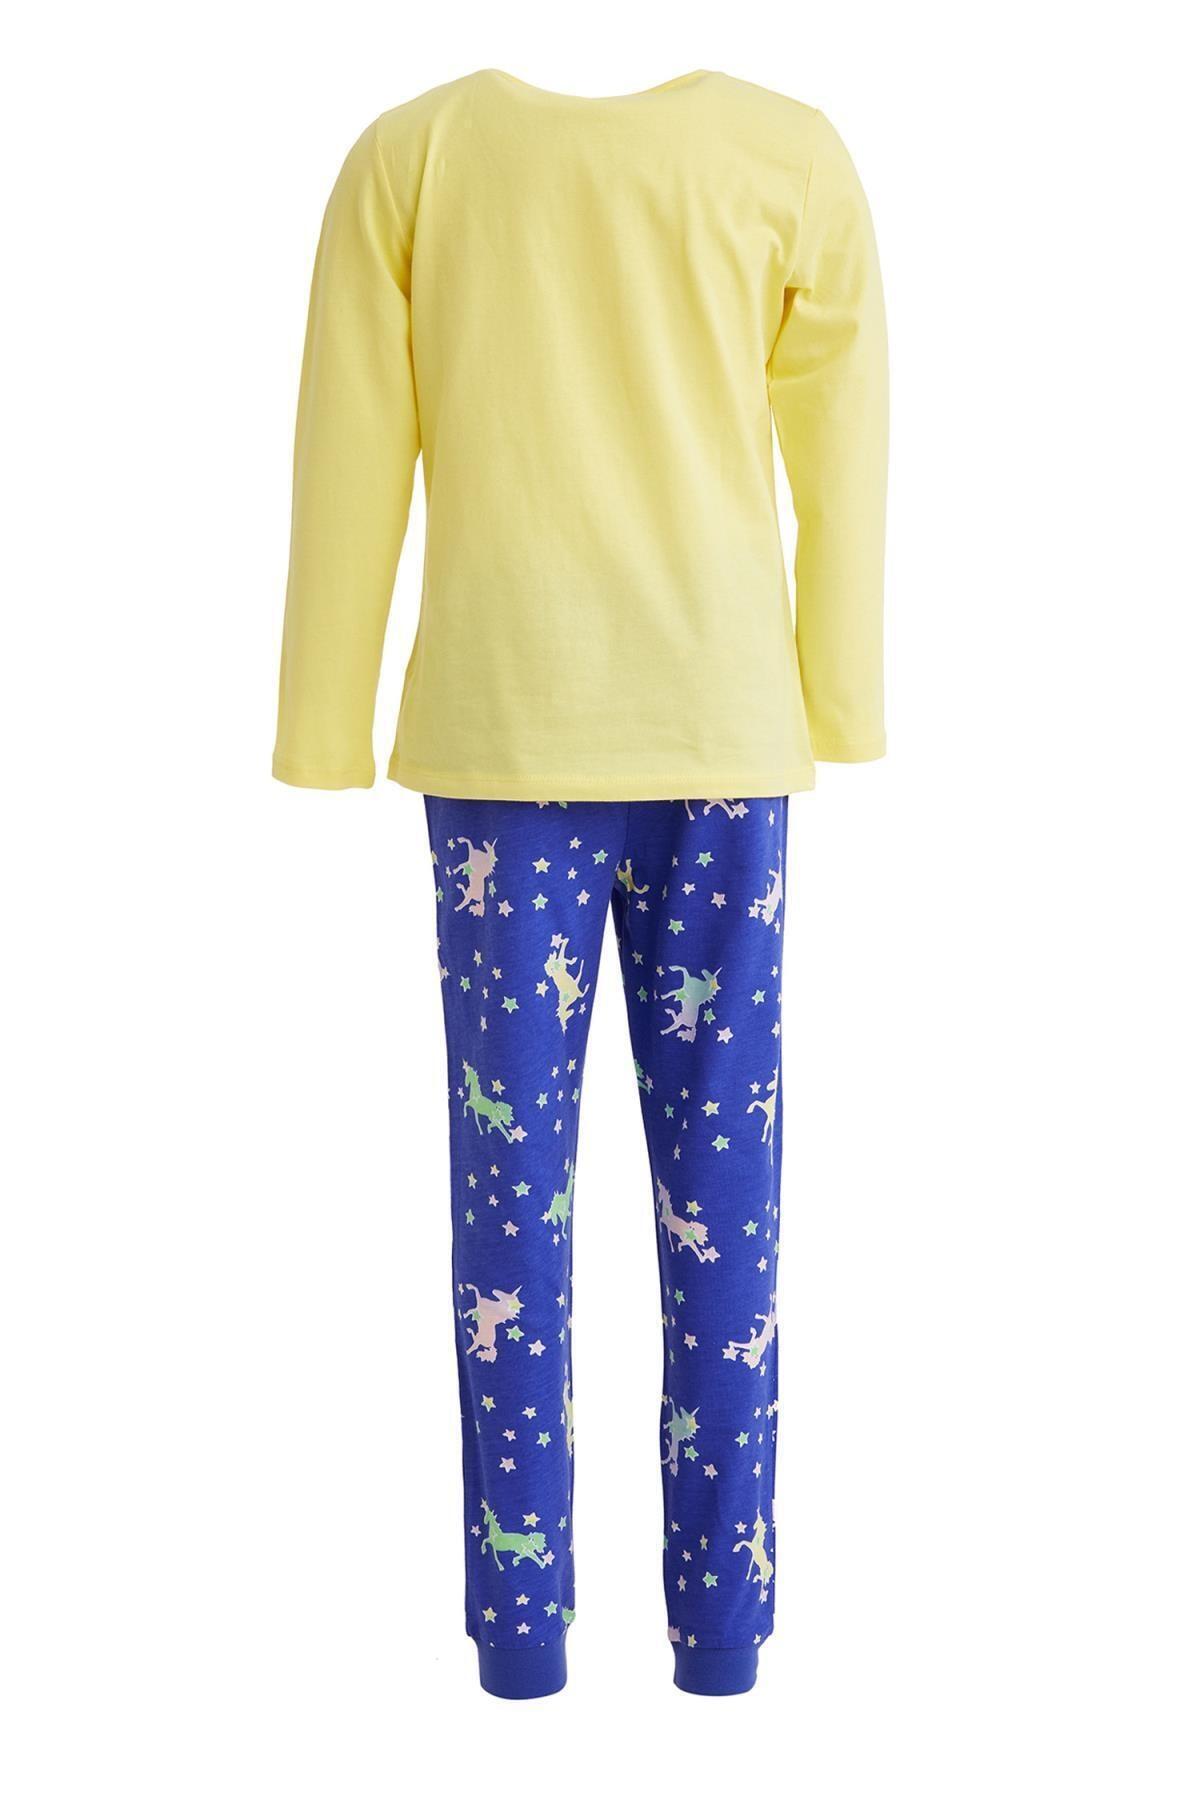 DeFacto Kız Çocuk Unicorn Baskılı Pijama Takım 2